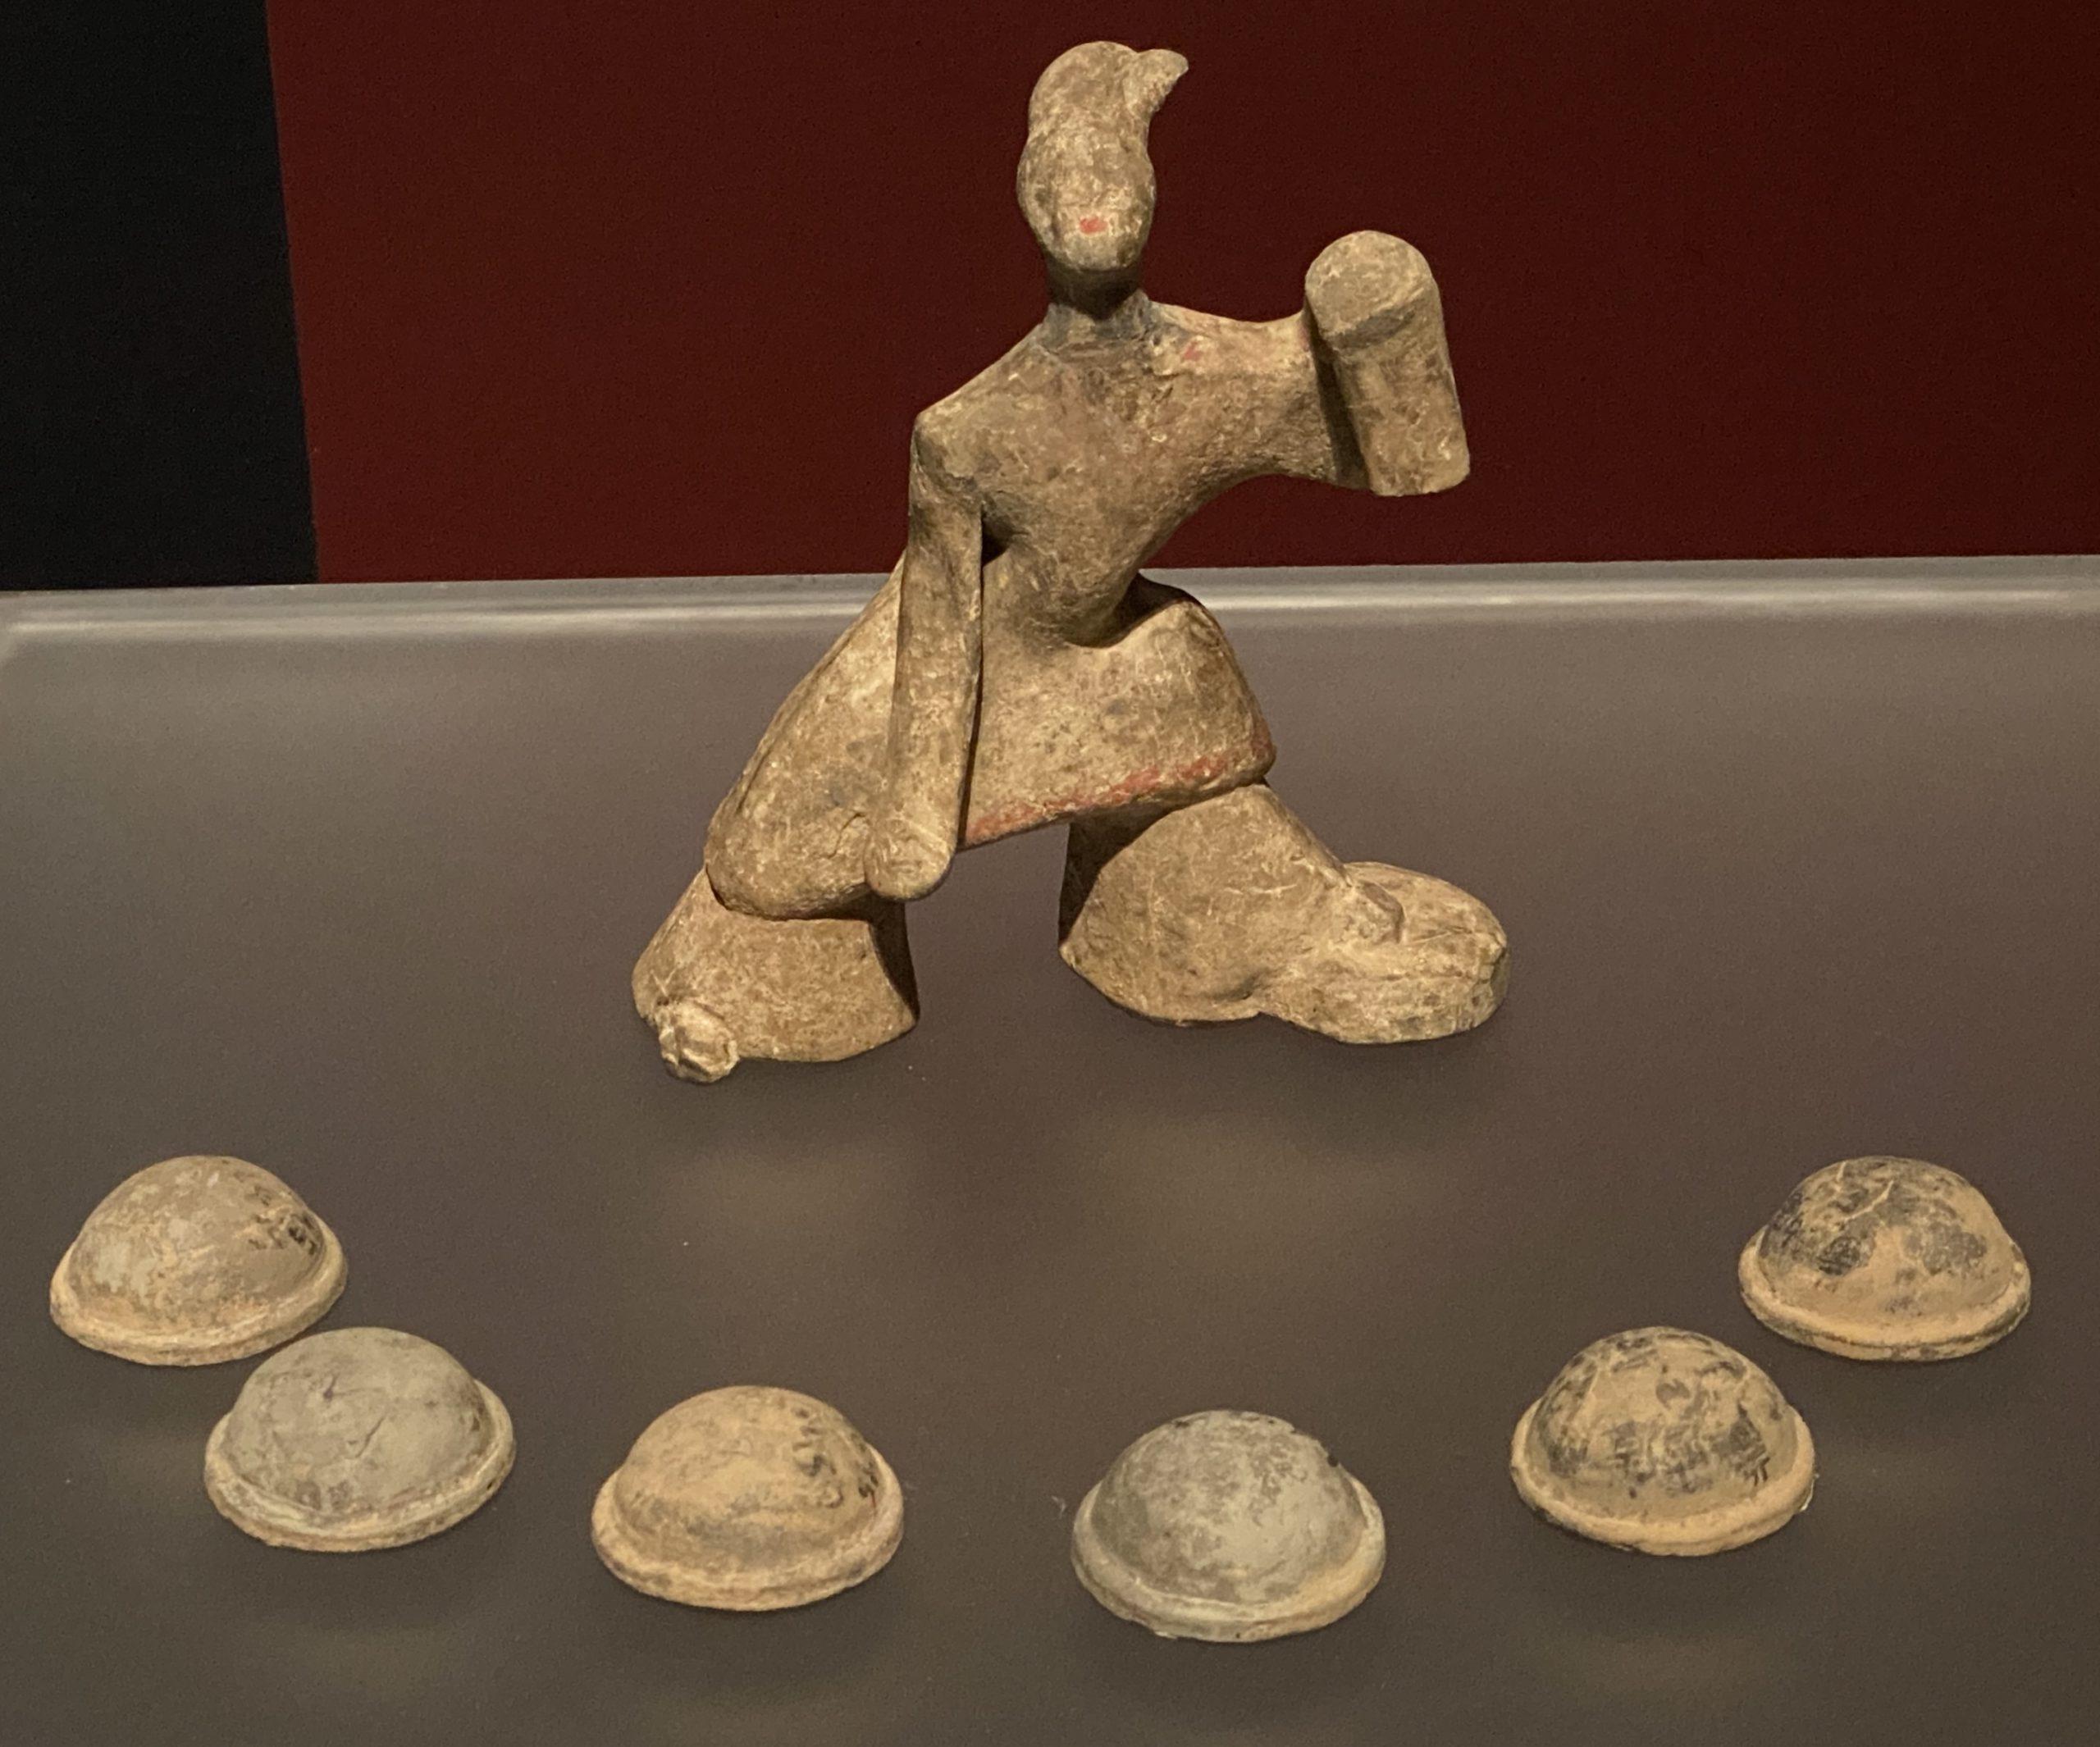 七盤女舞俑-【列備五都-秦漢時代の中国都市】-成都博物館-四川成都